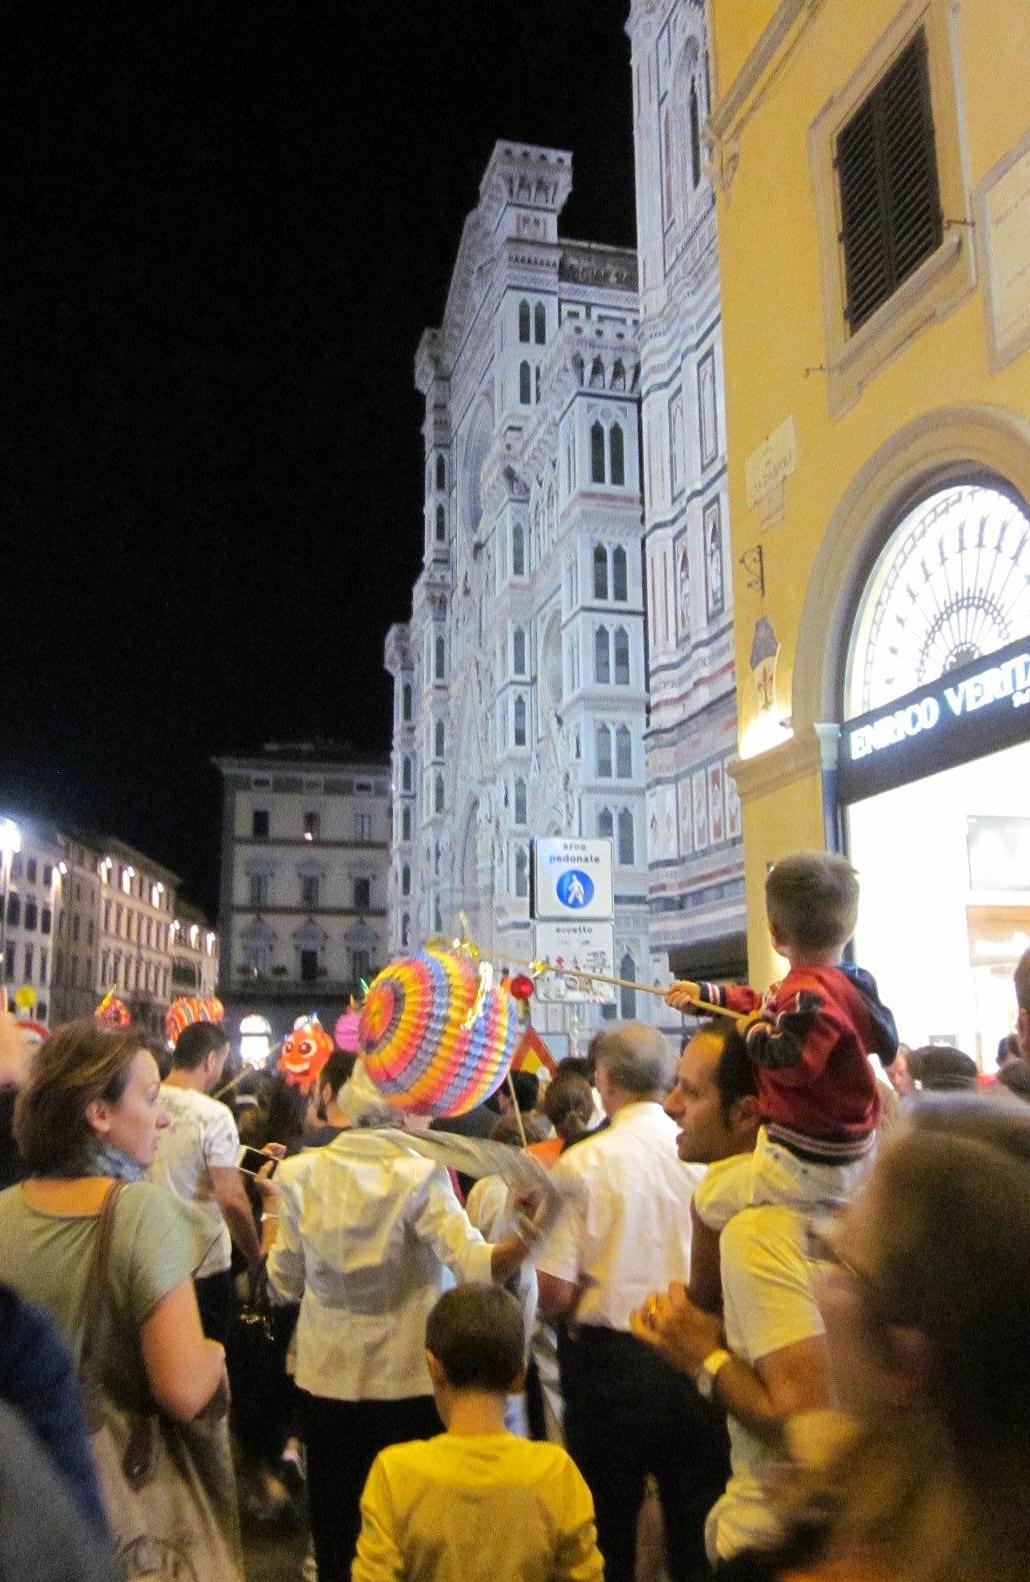 Walking in the annual Rificolona Lantern Festival procession.